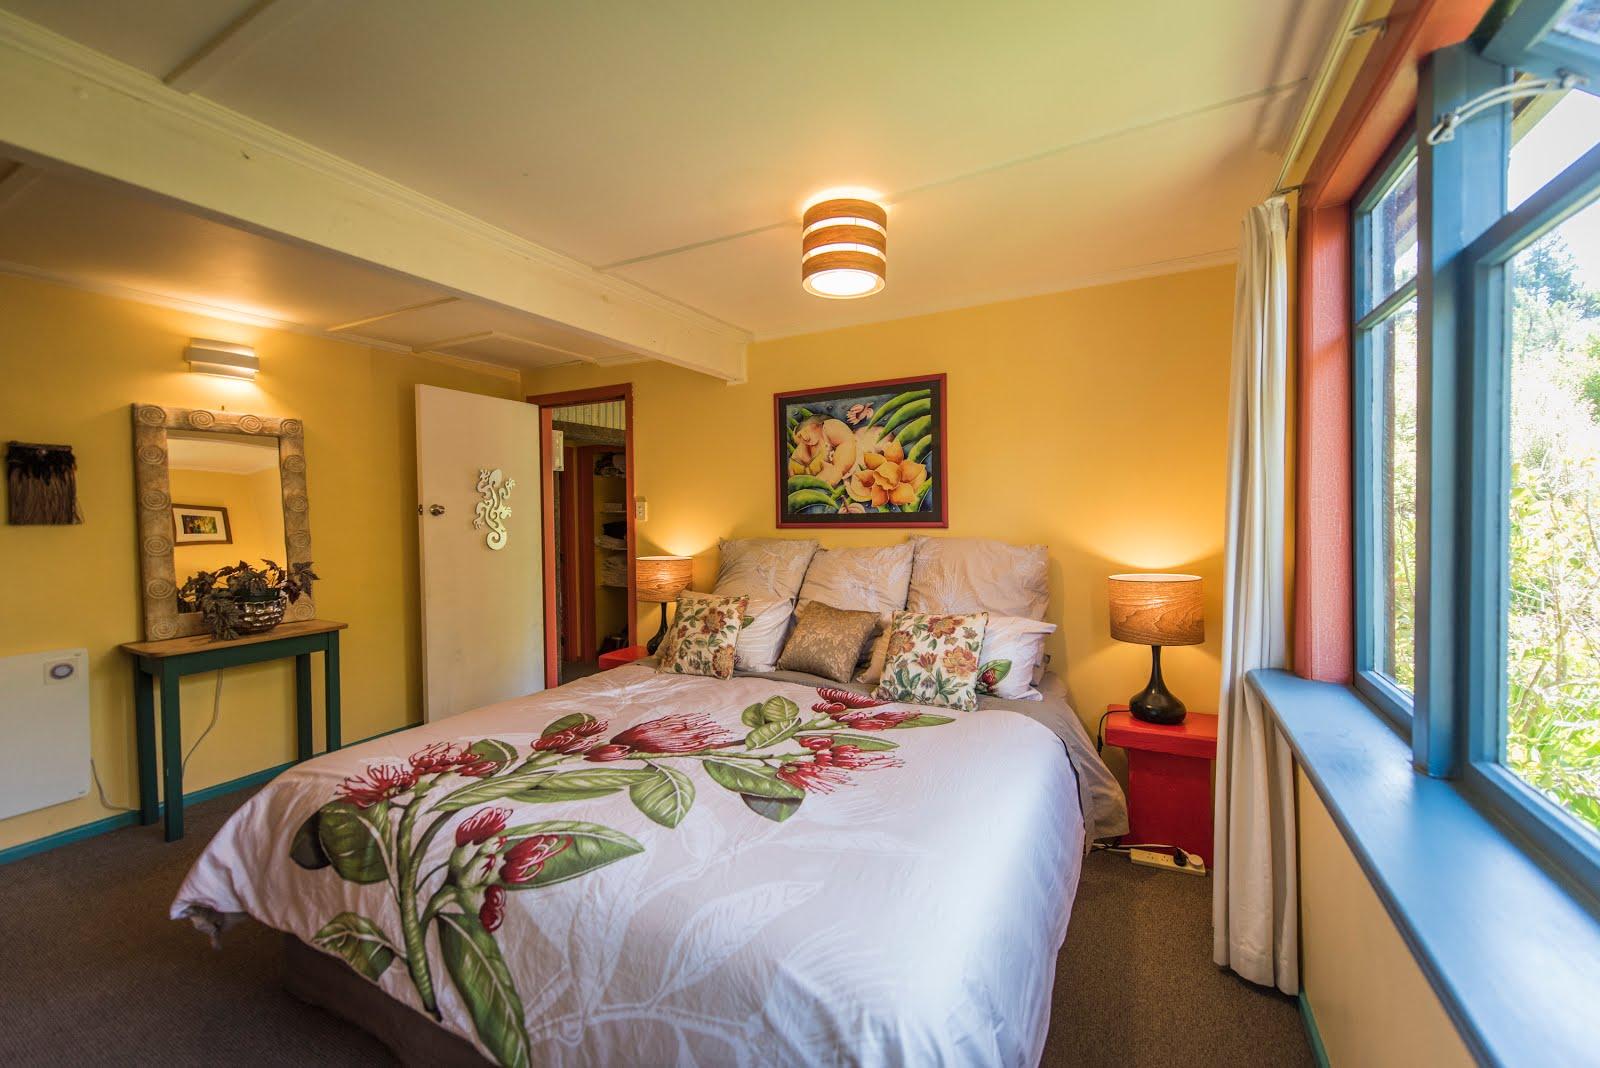 Main bedroom - Corru Gate